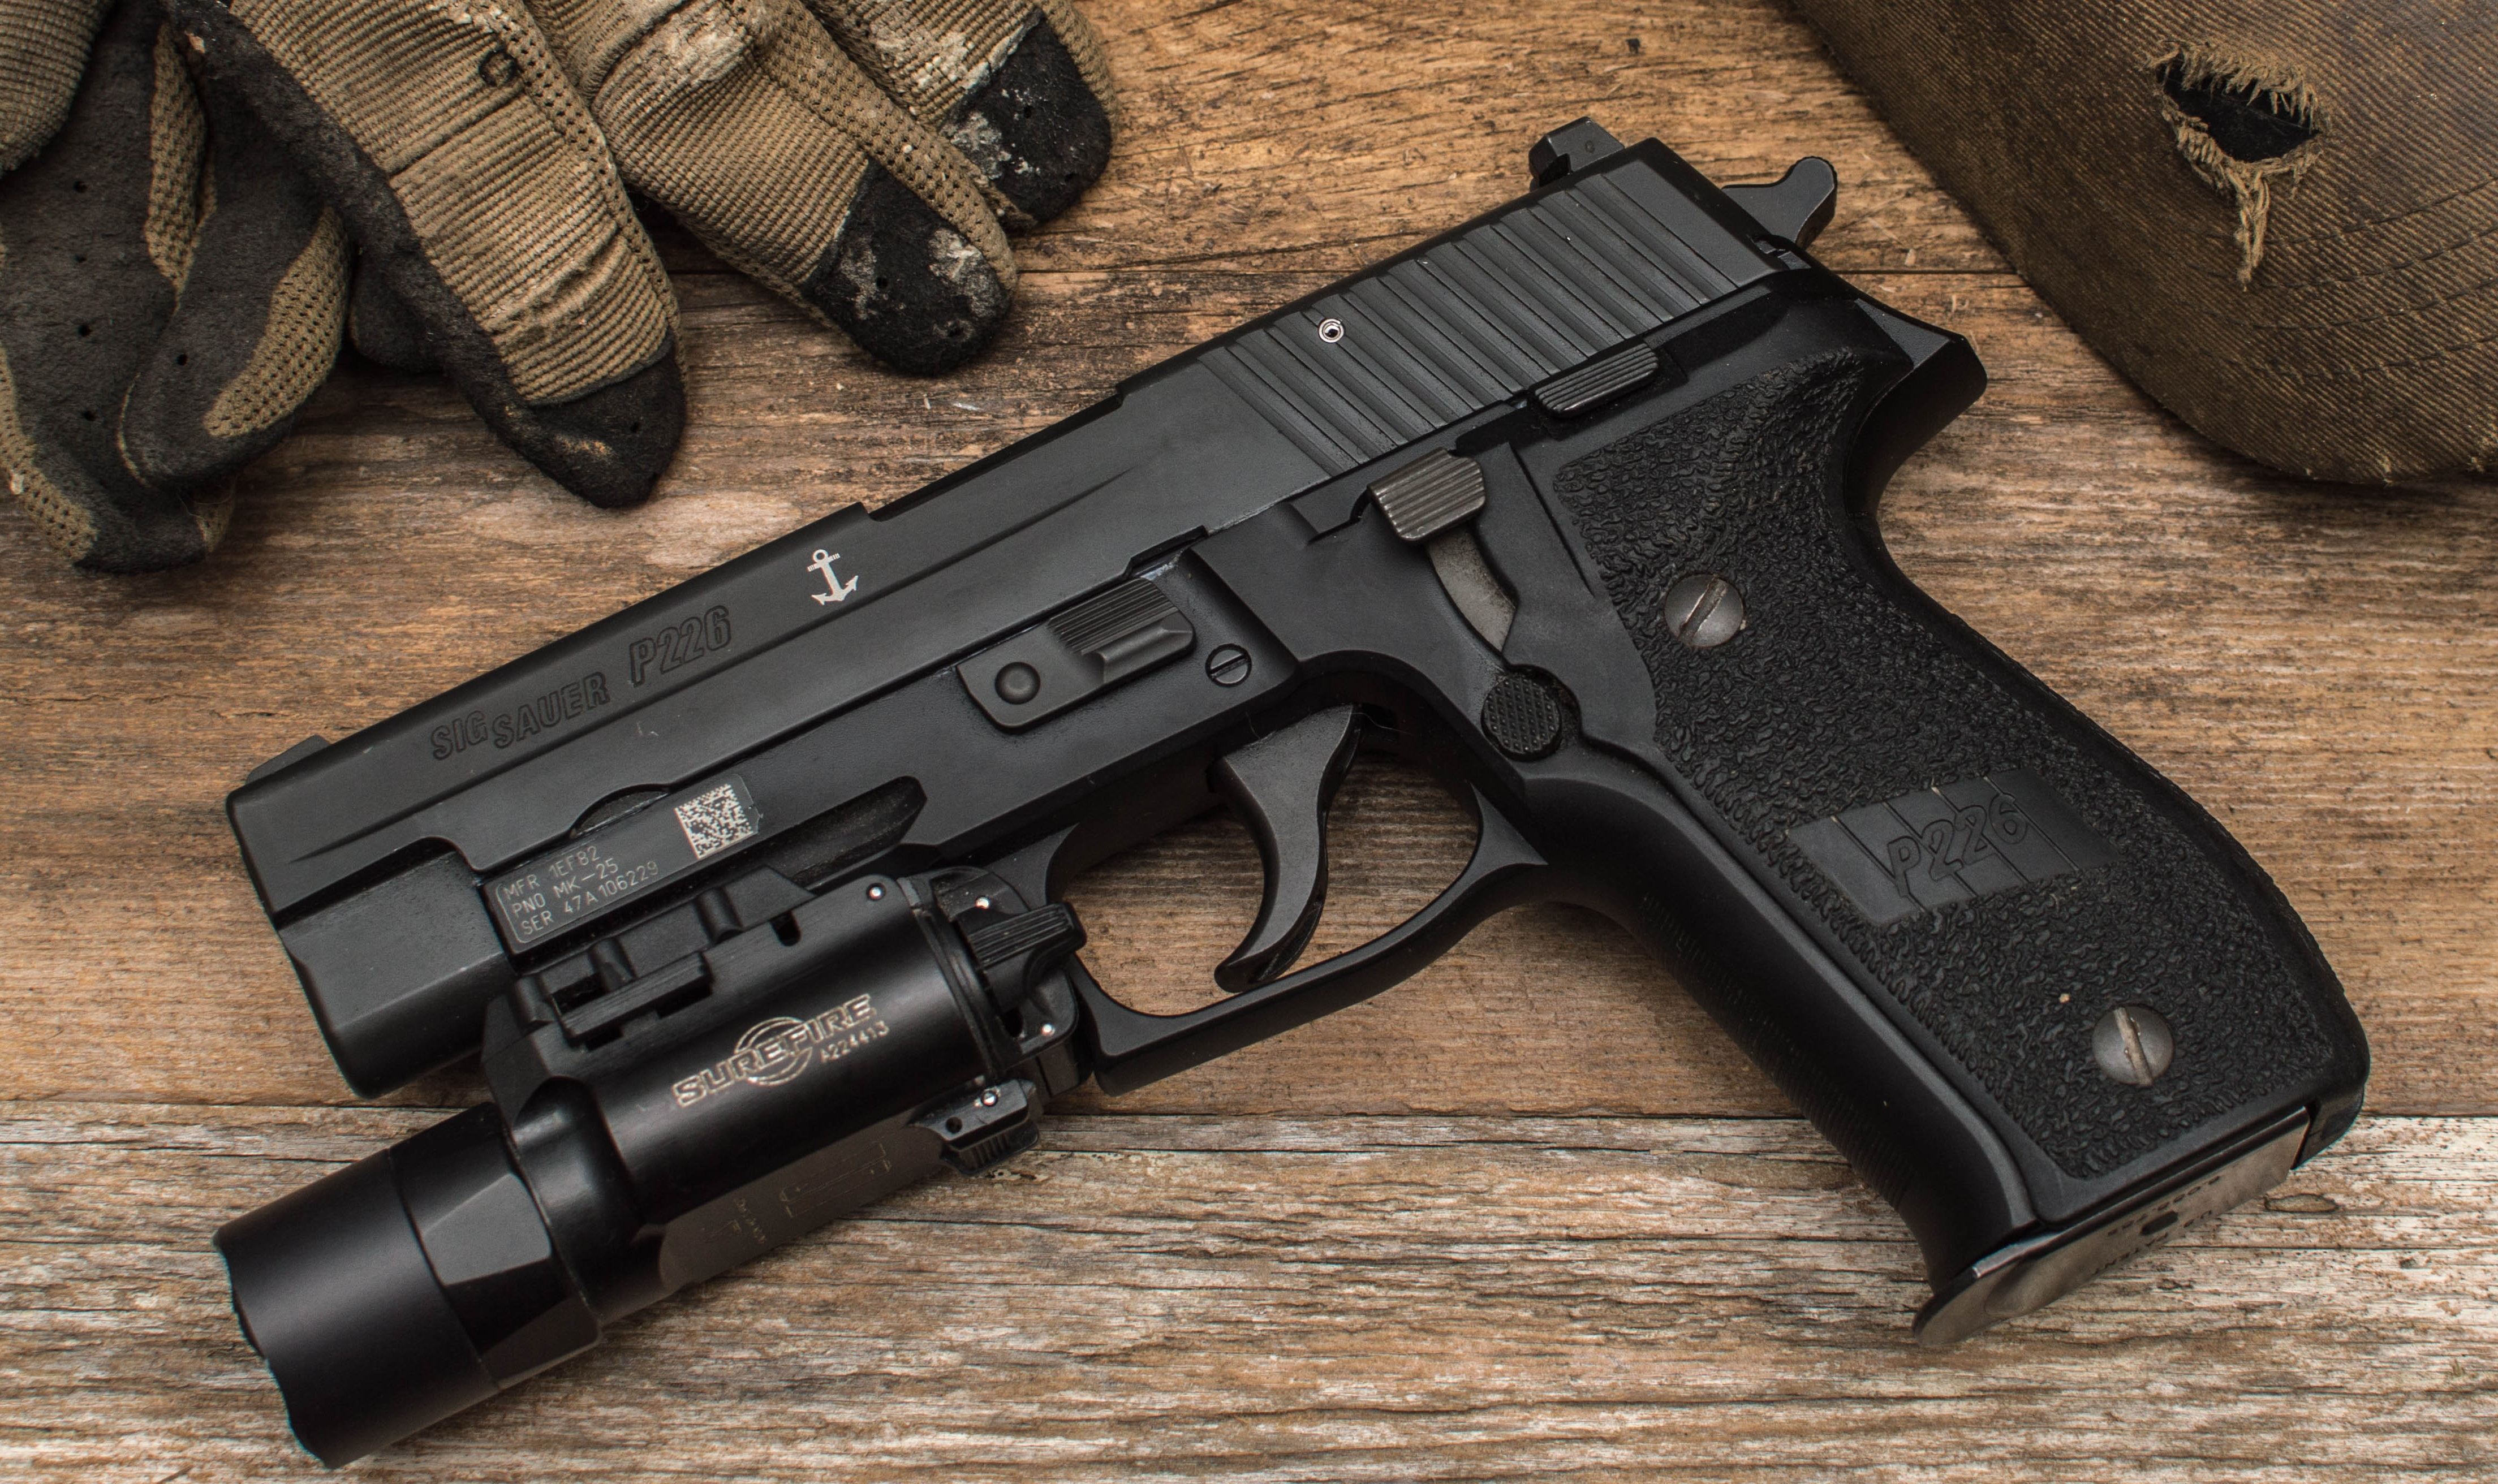 Glock vs  Sig Sauer: Glock 17 vs  P226 (Which Gun Is Better